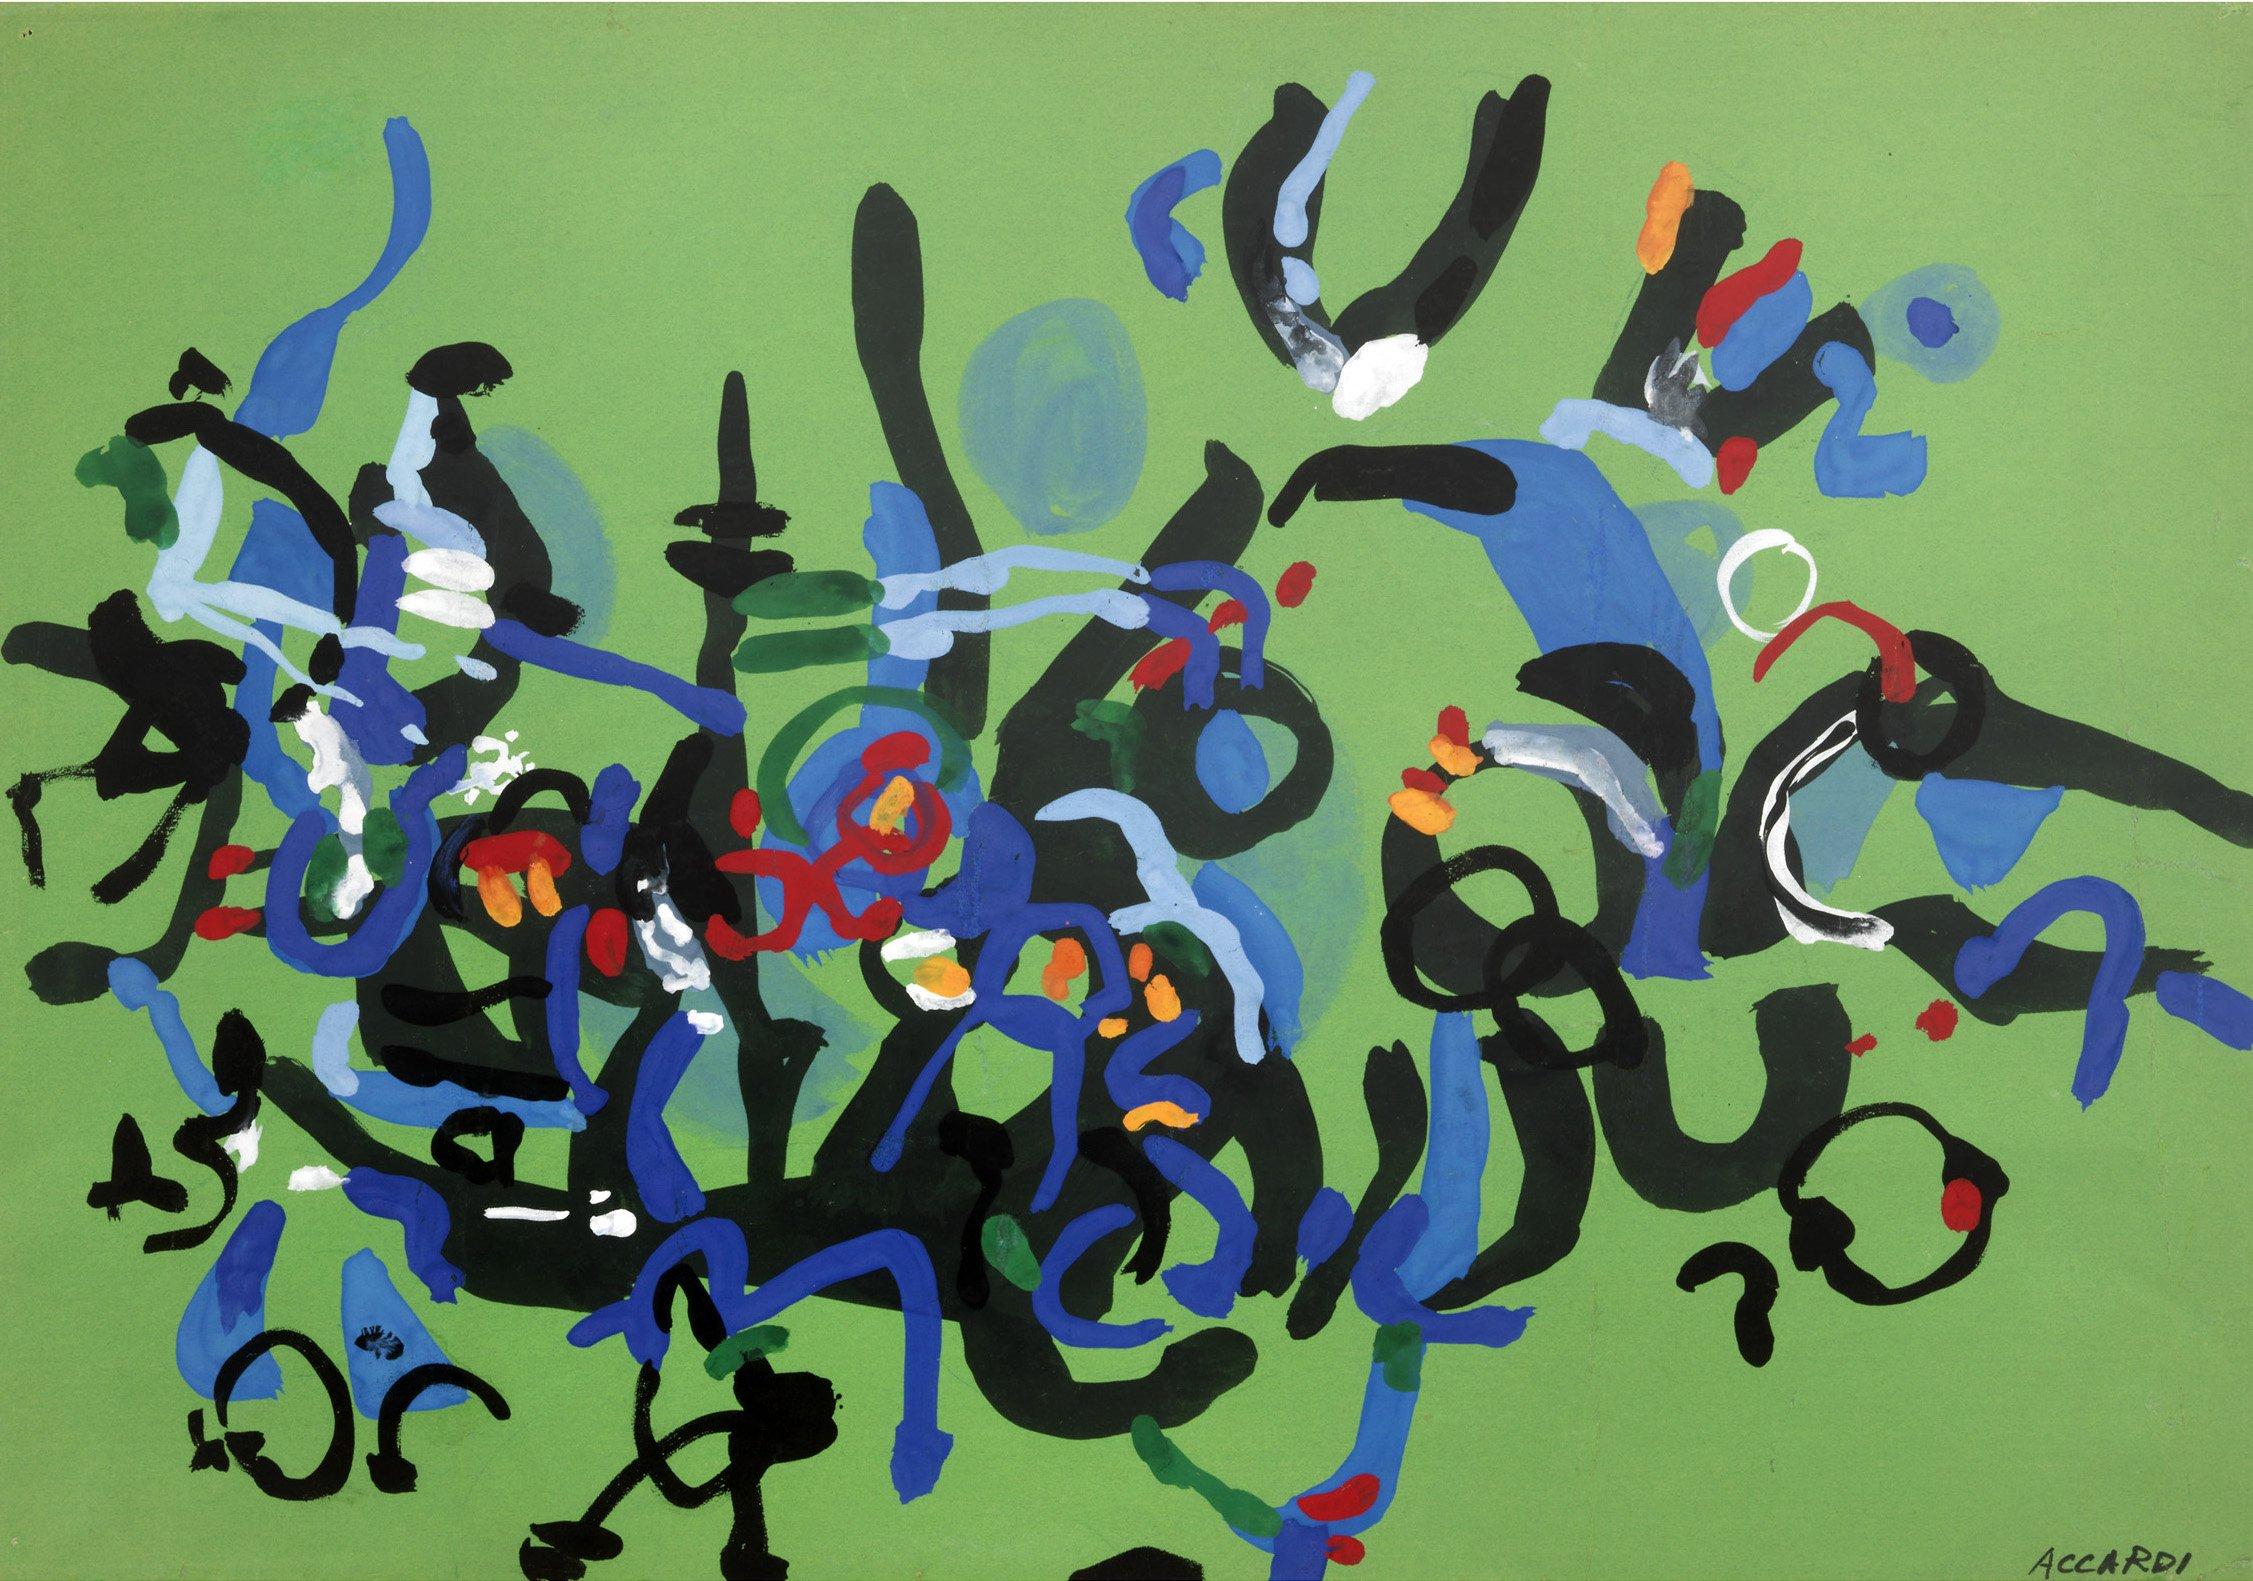 Carla Accardi, Senza titolo, 1953-54, 35 x 50 cm